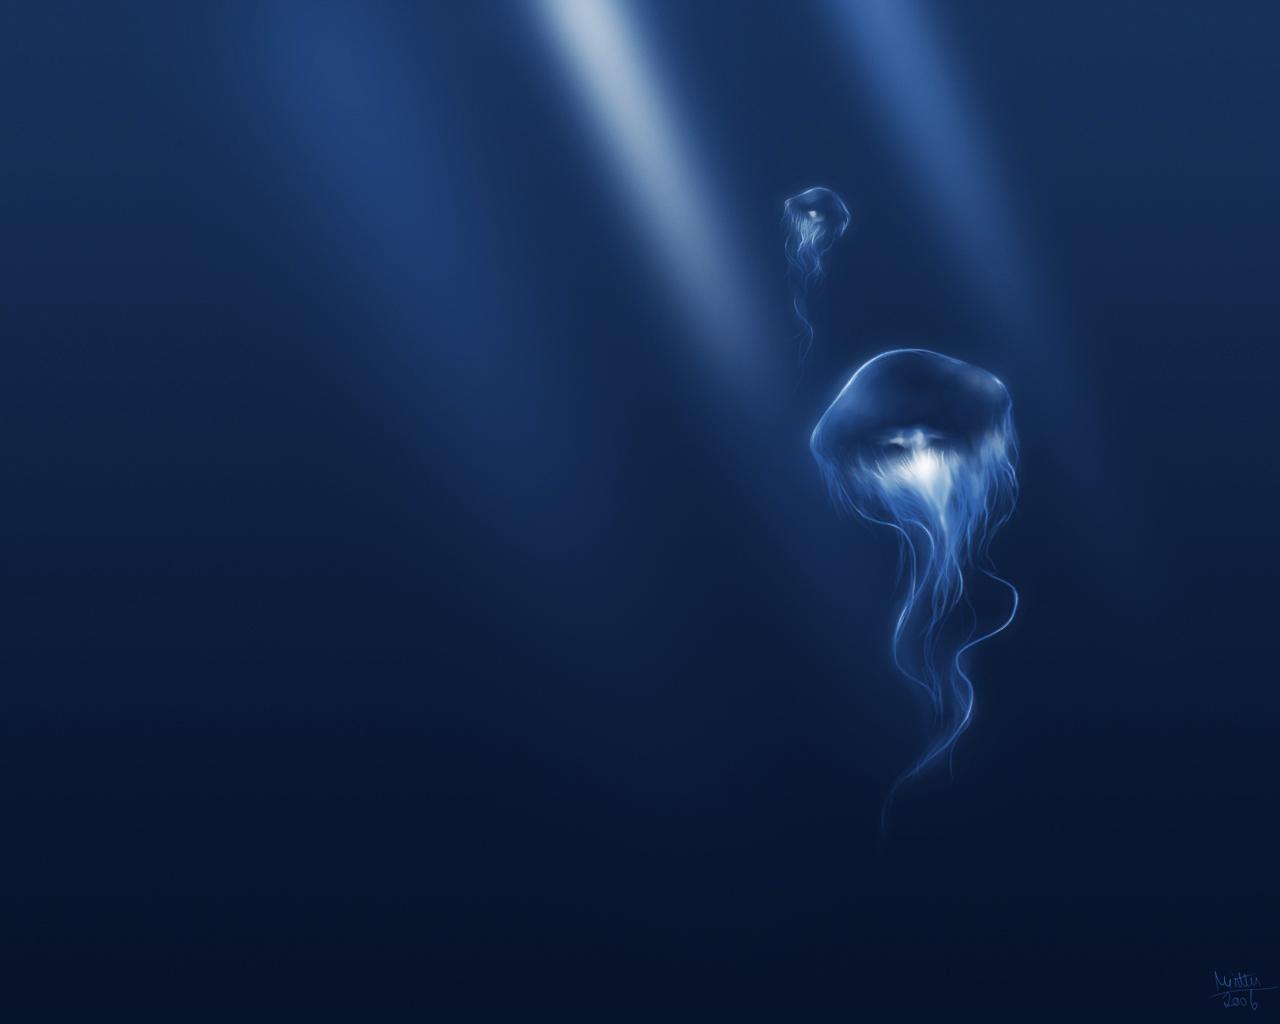 deep ocean desktop wallpaper - photo #27